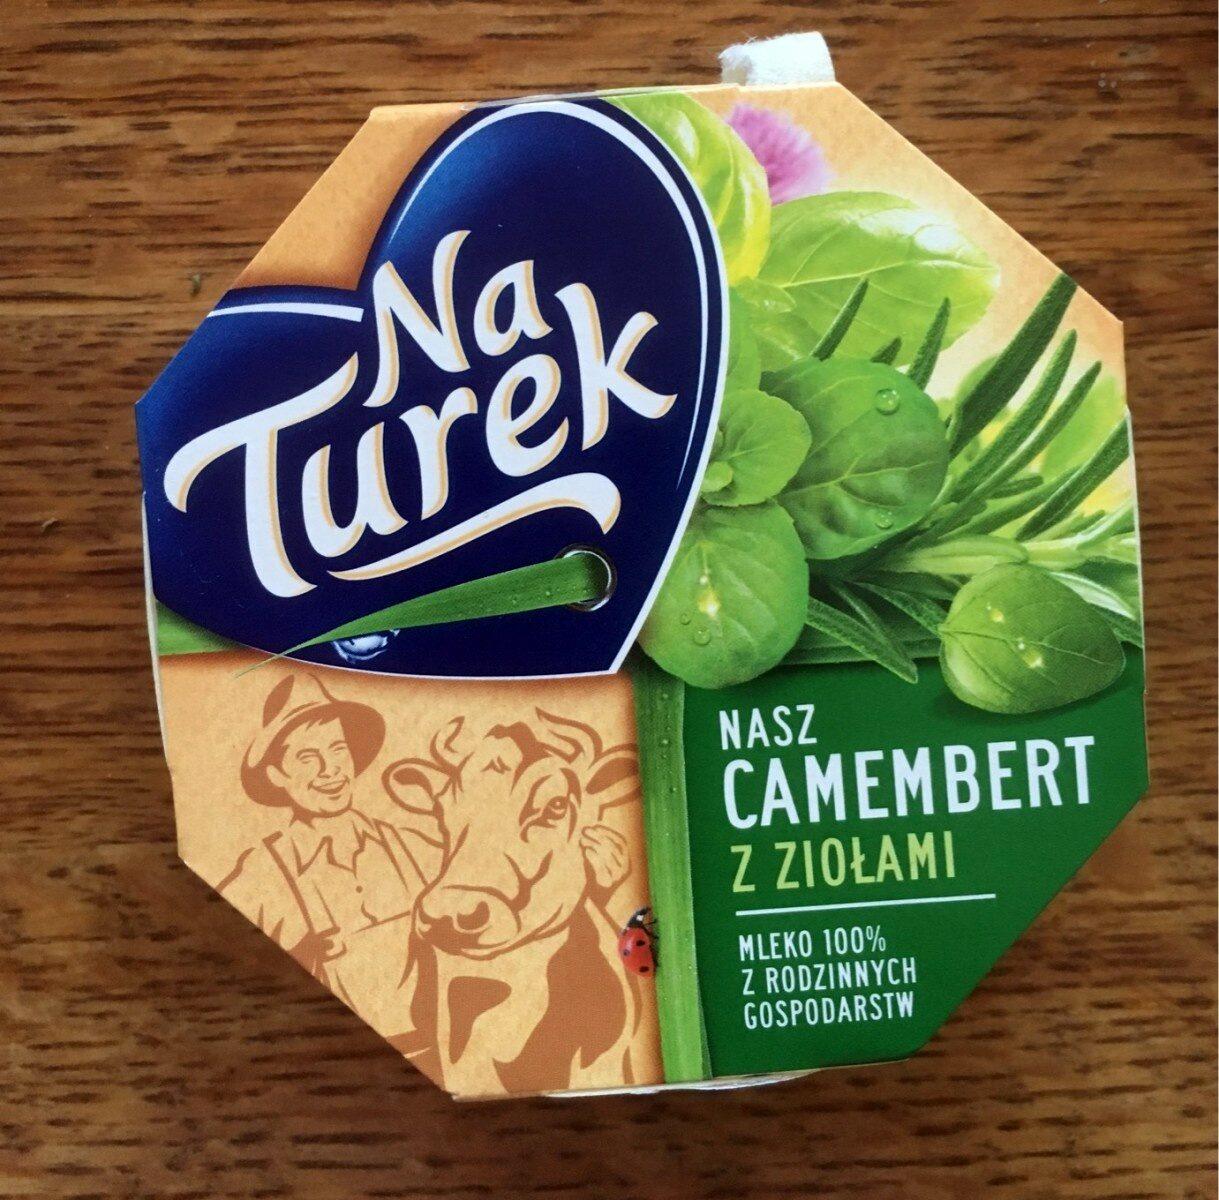 Ser pleśniowy camembert z ziołami - Produkt - pl